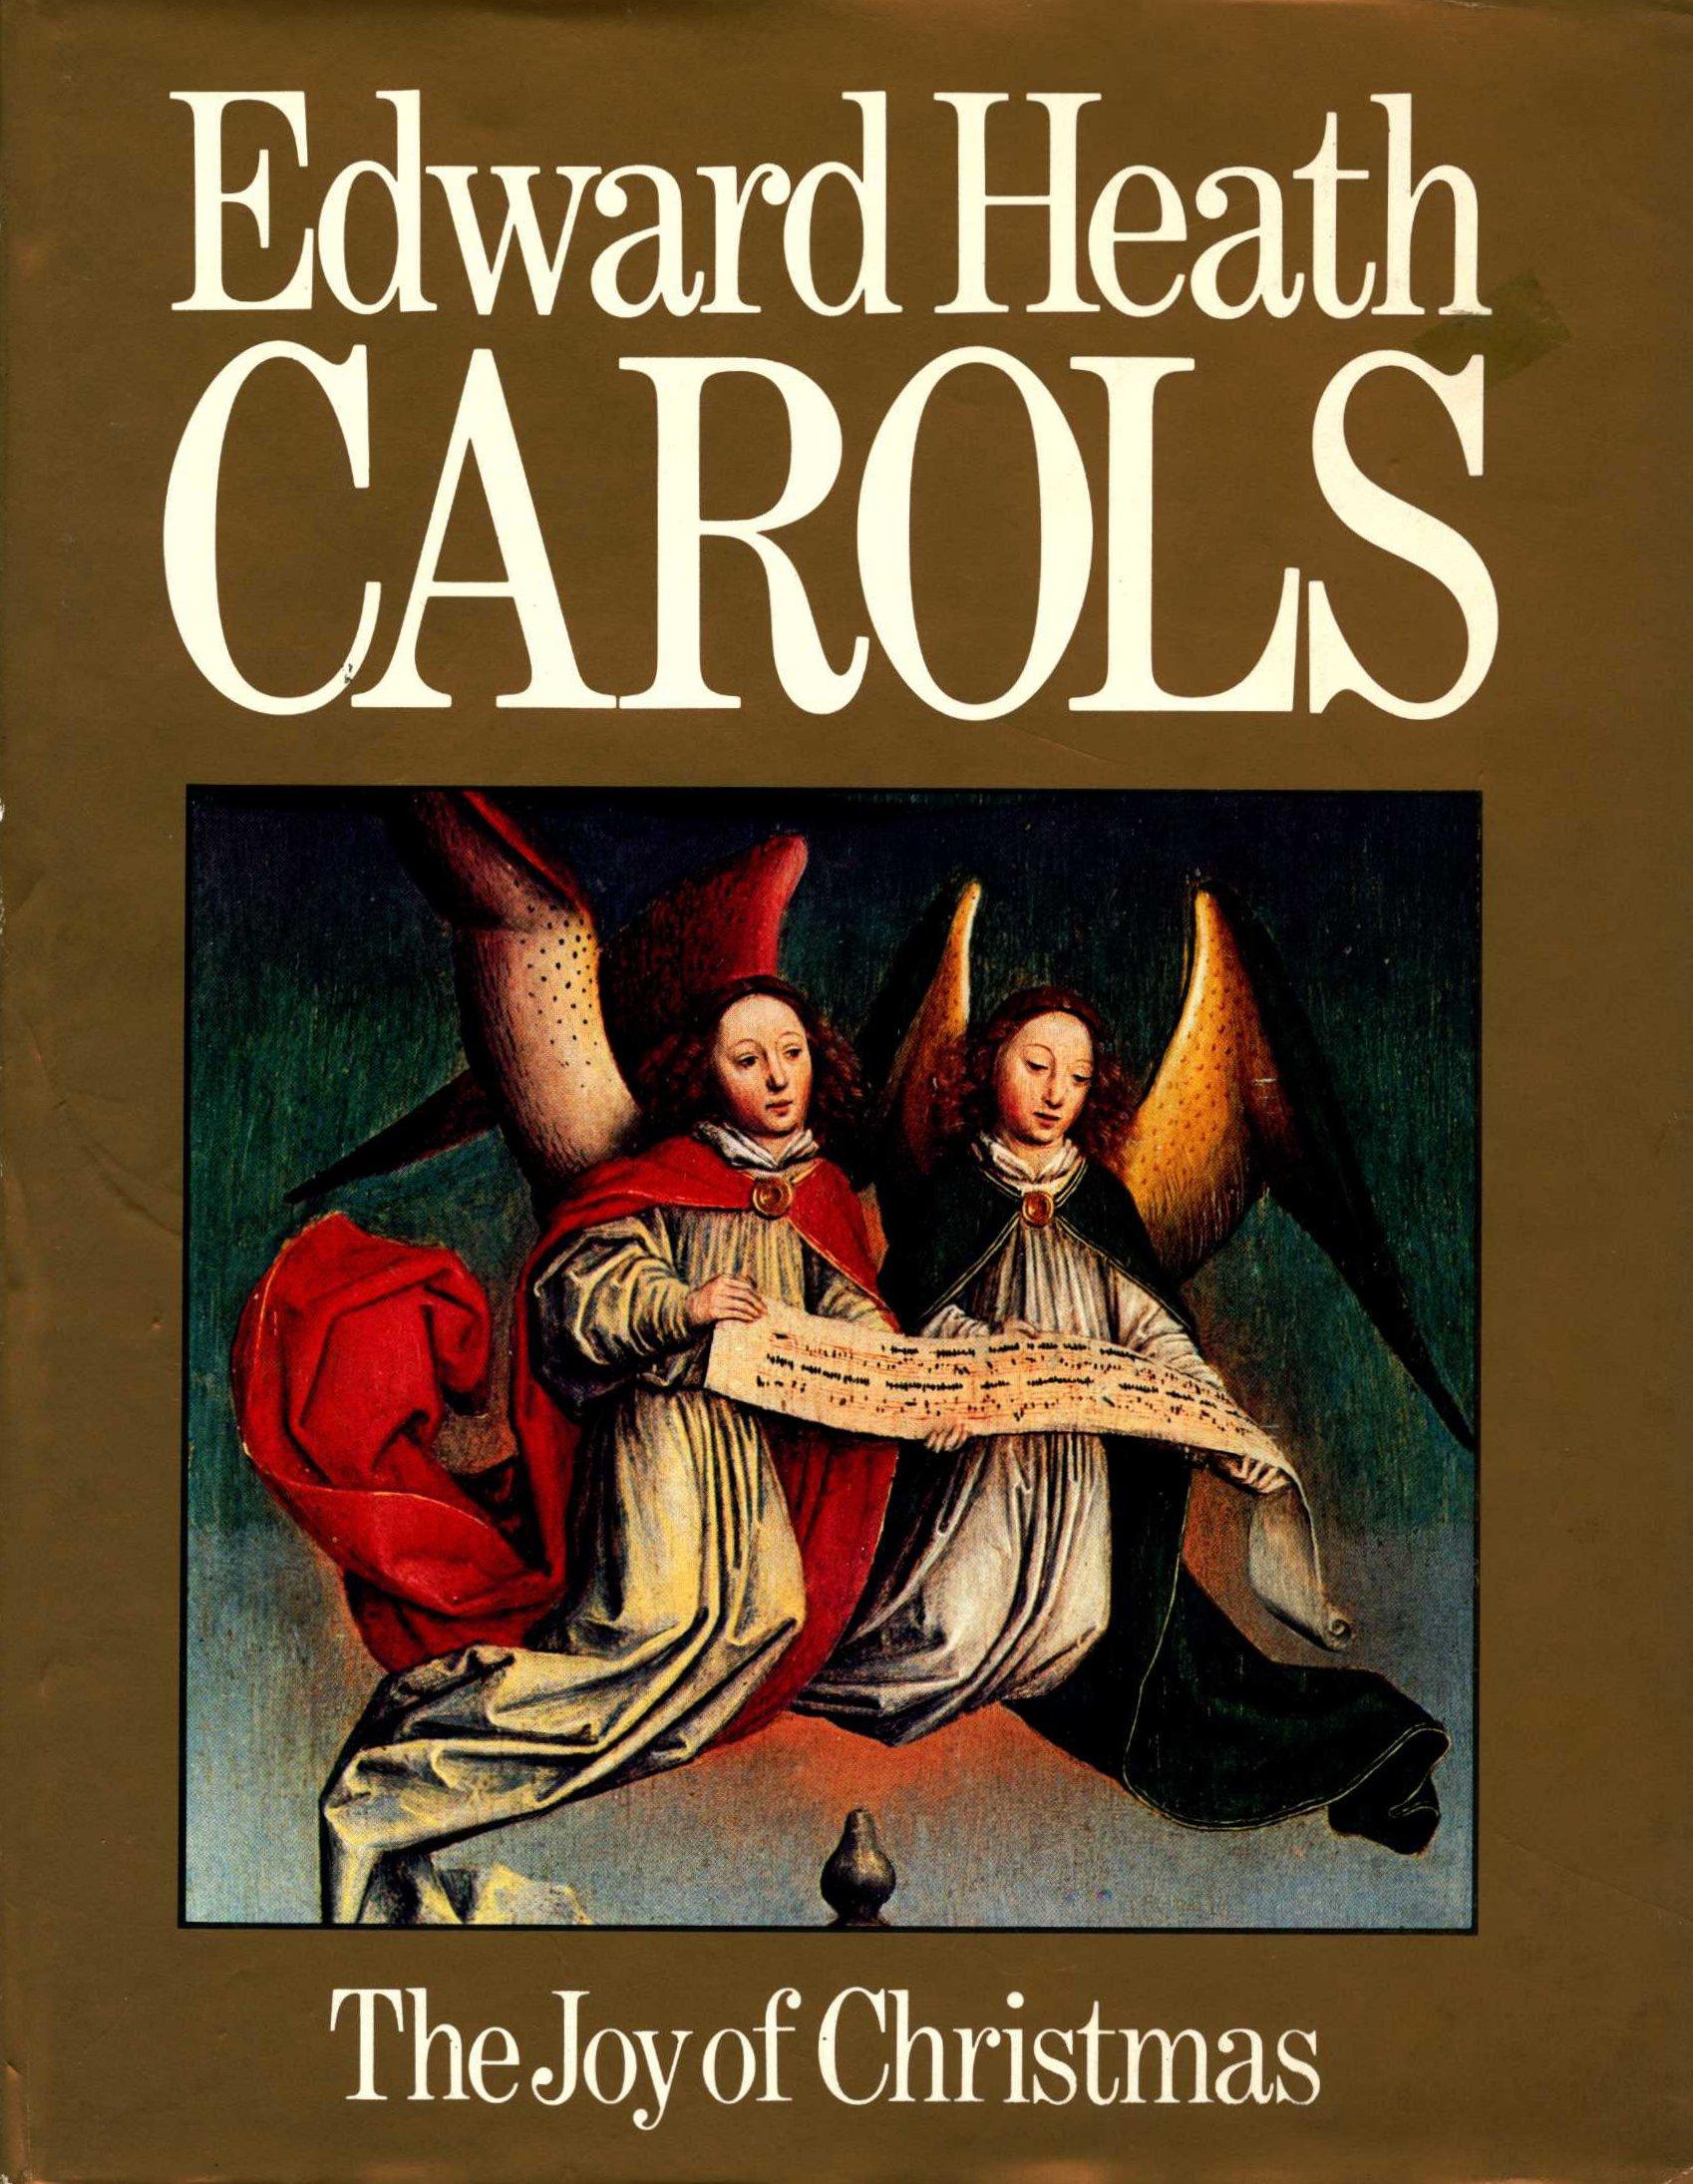 Carols: the joy of Christmas. London: Sidgwick & Jackson, 1977.